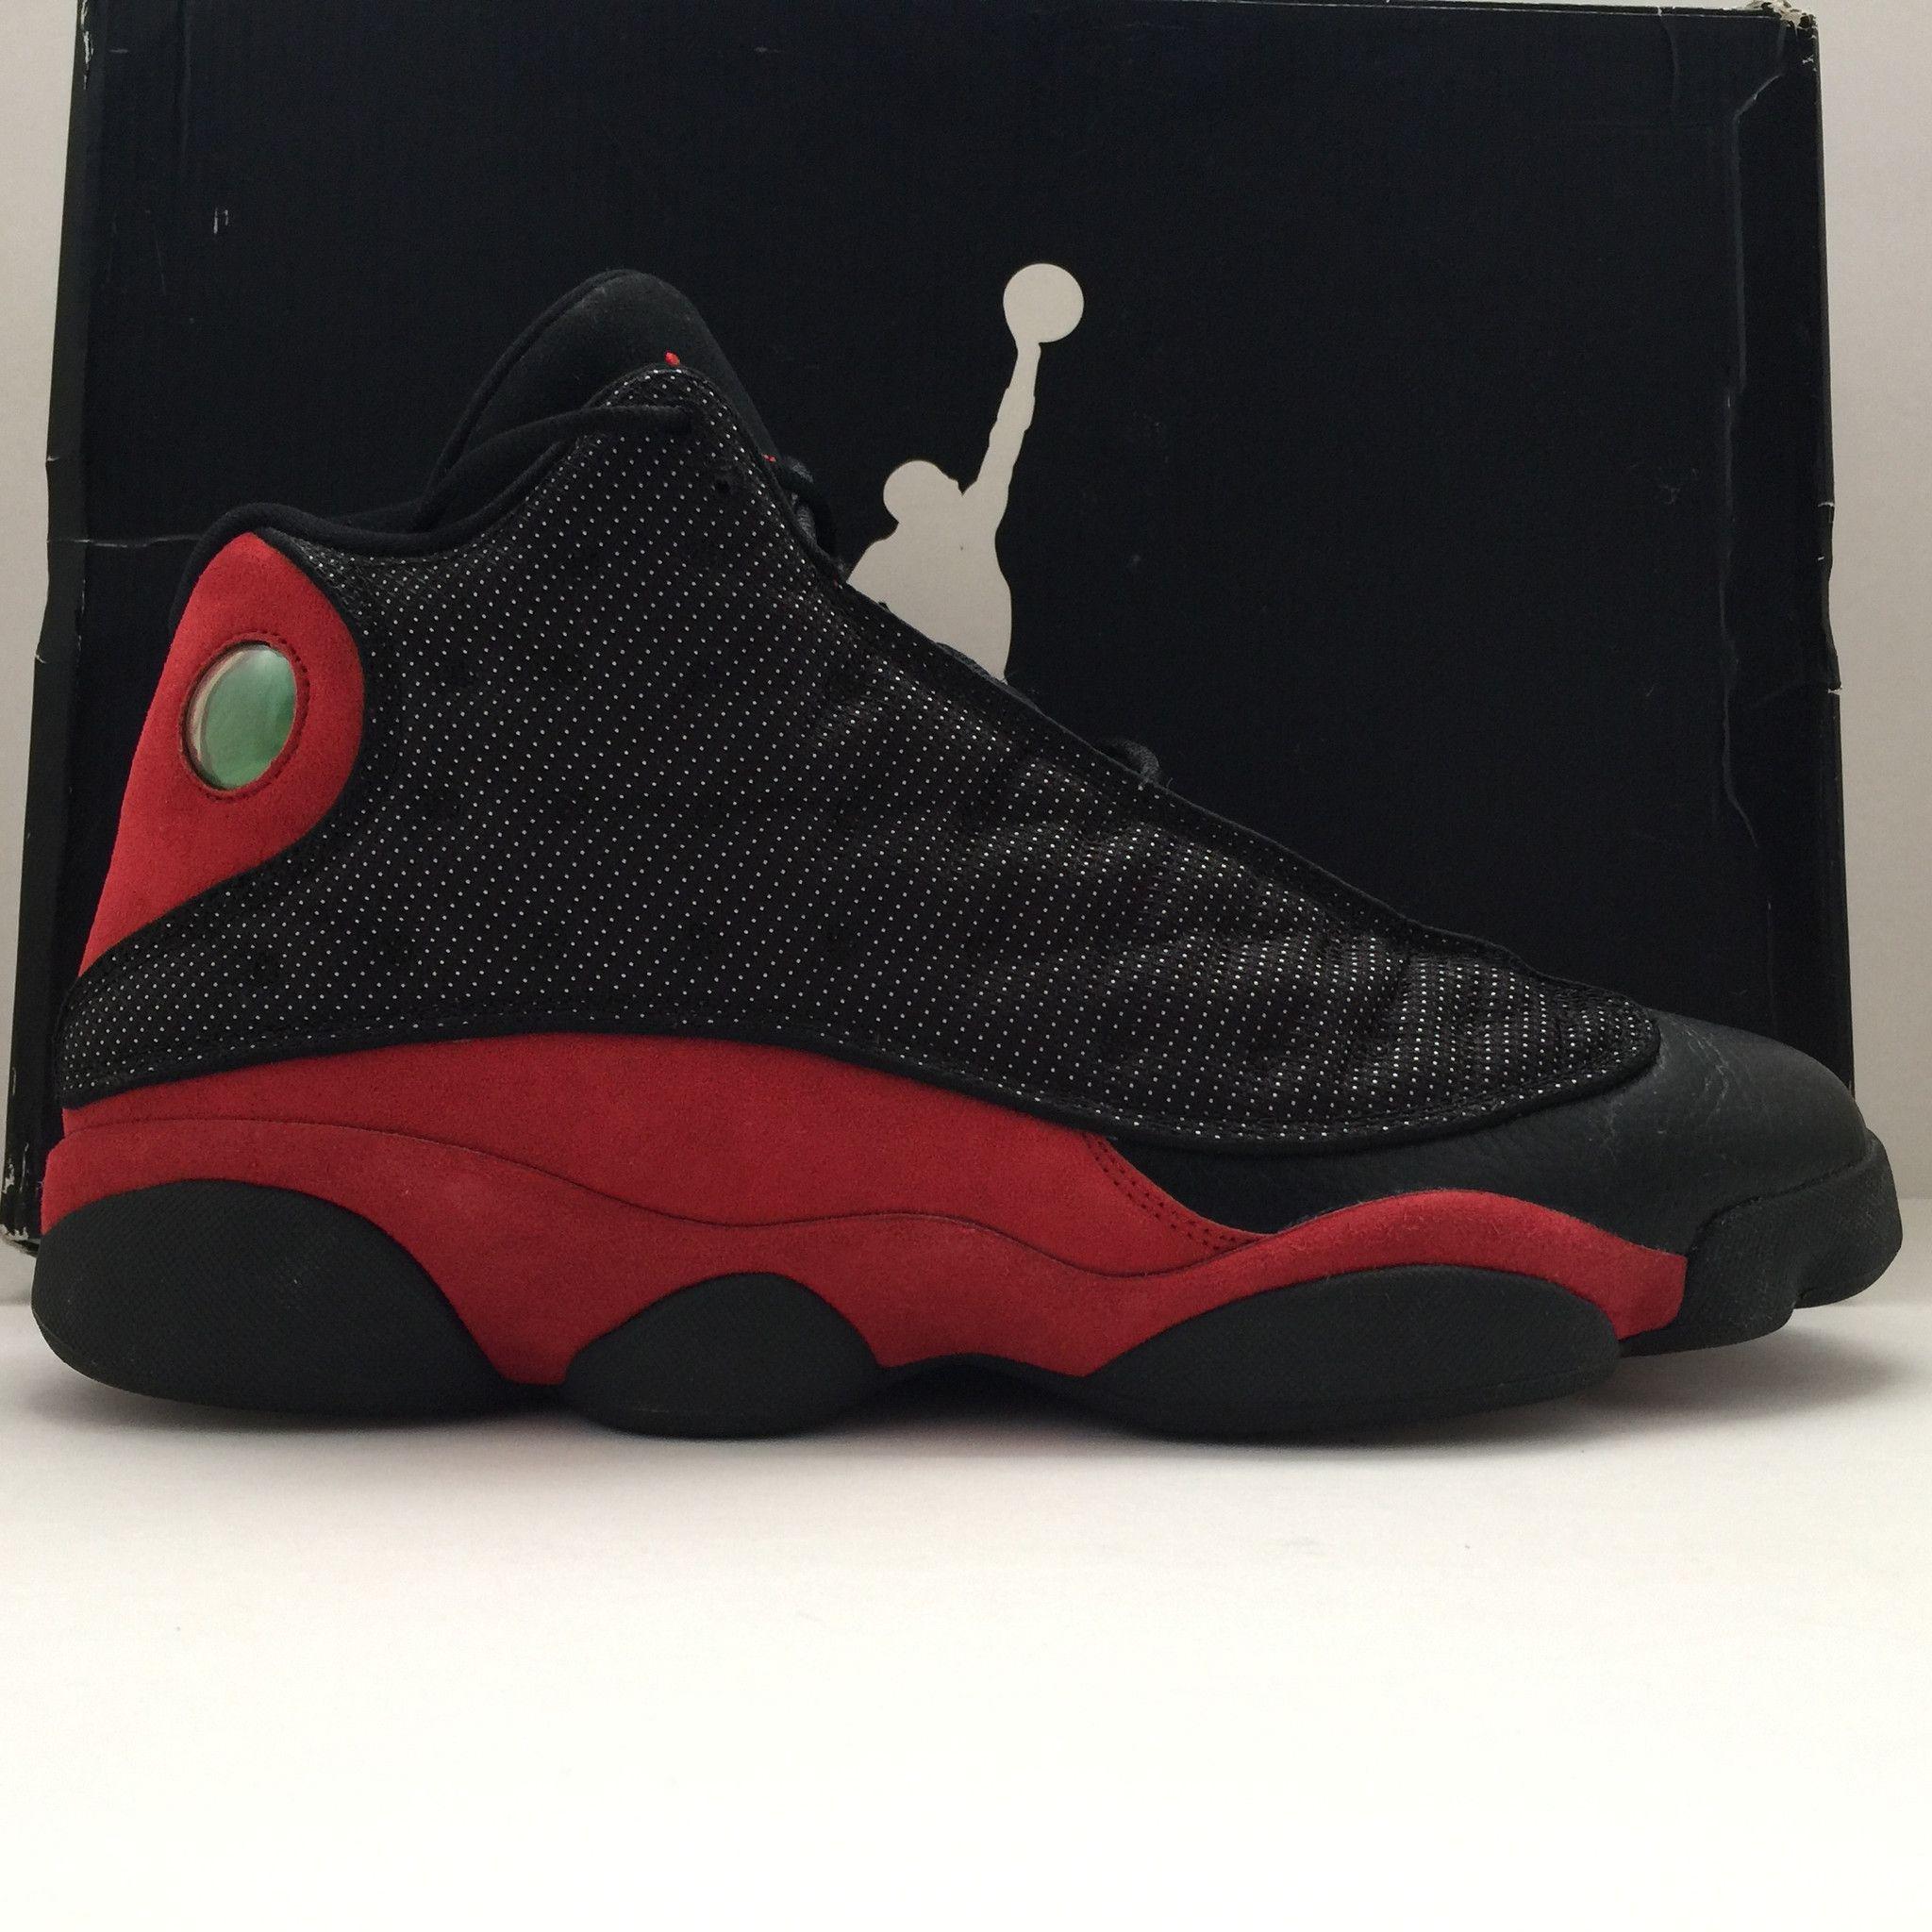 Jordan Shoes For Sale Wholesale